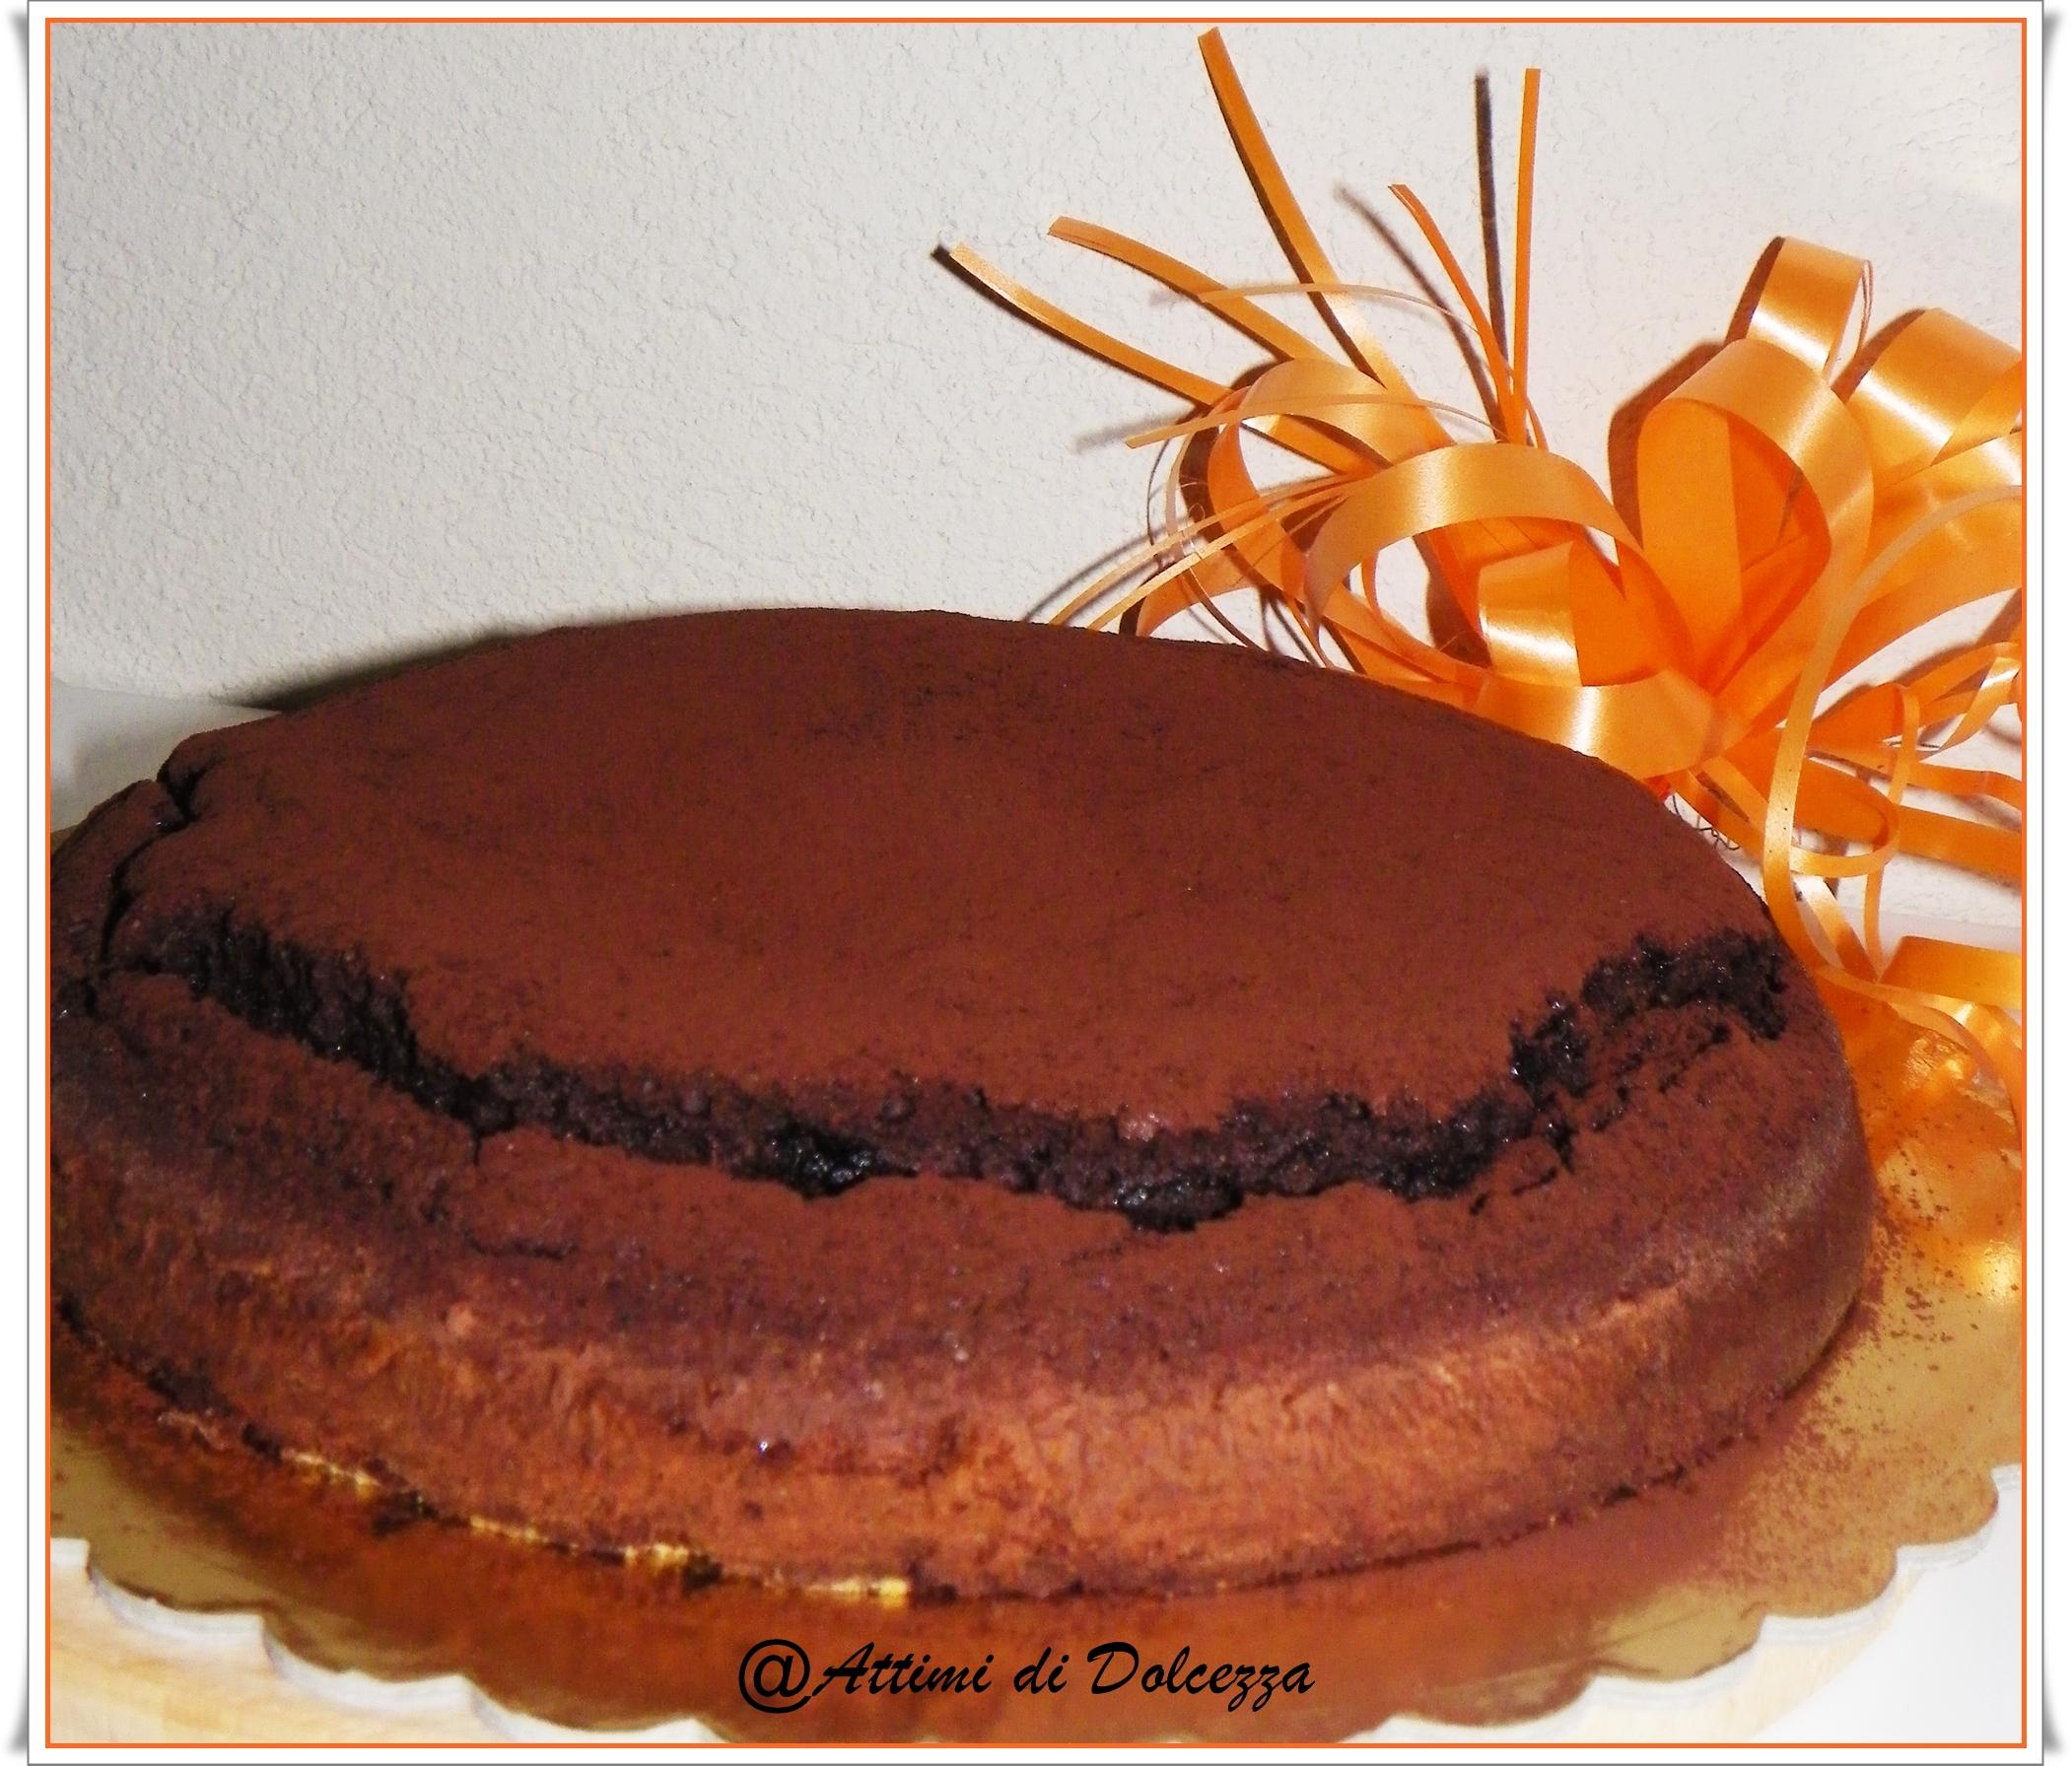 torta-soffice-di-albumi-al-cacao-15-09-2015